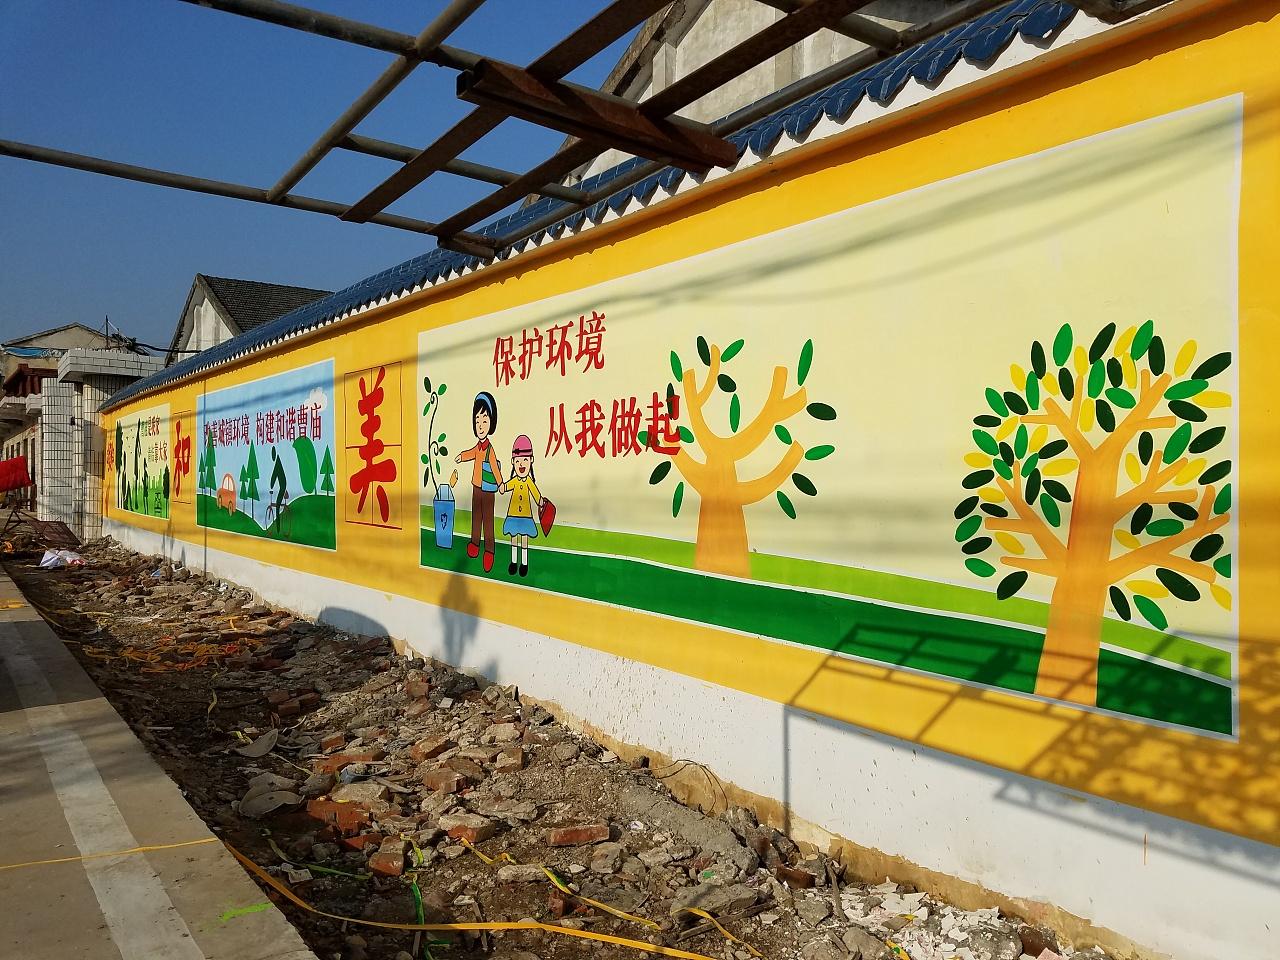 南昌文化墙彩绘,南昌涂鸦手绘墙,南昌手绘墙涂鸦